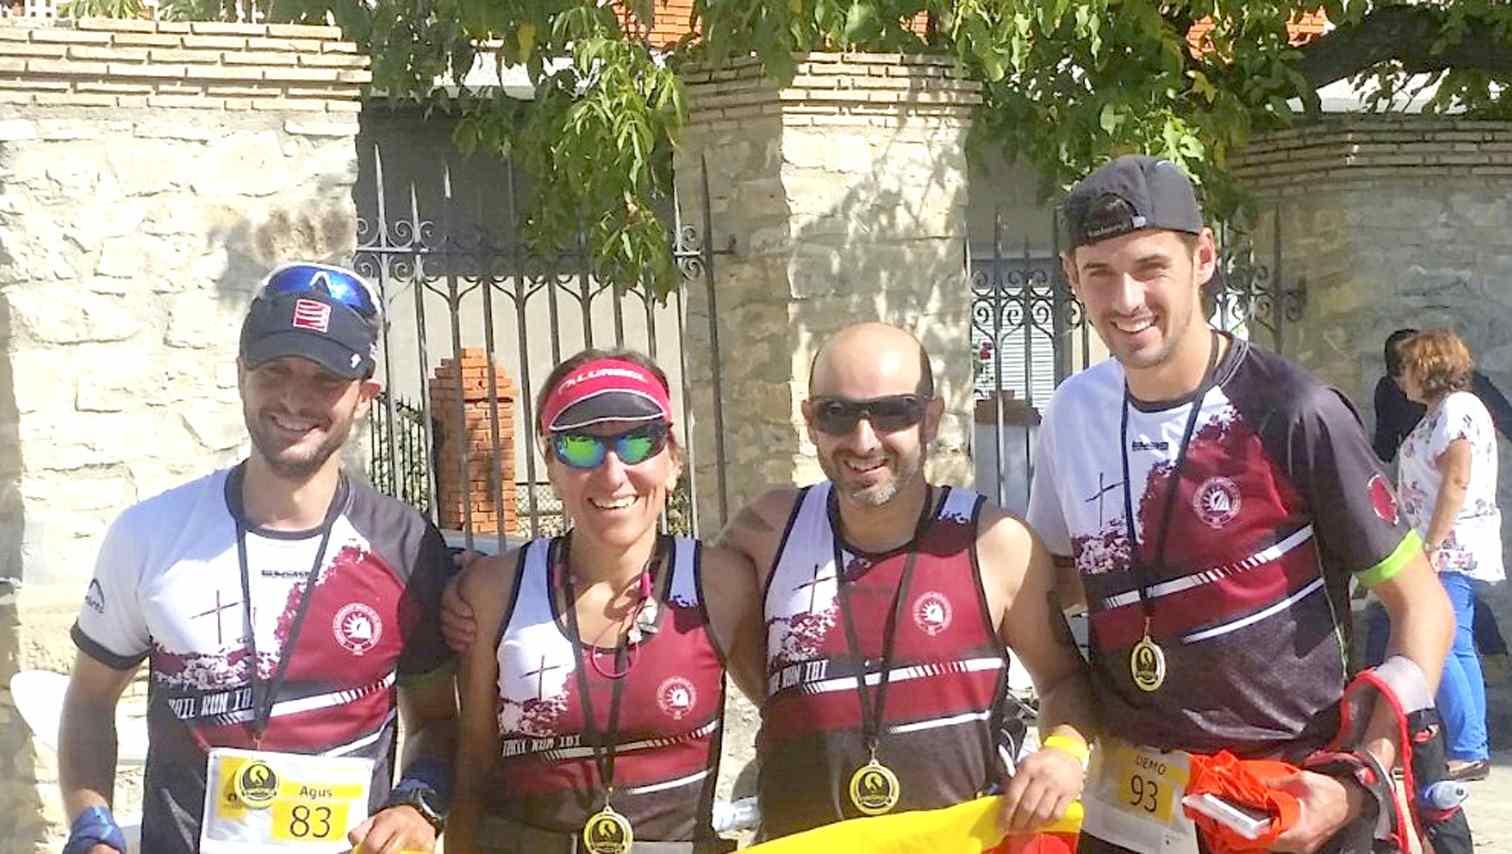 La veterana atleta ibense Loly Roelas gana un duro maratón en Granada